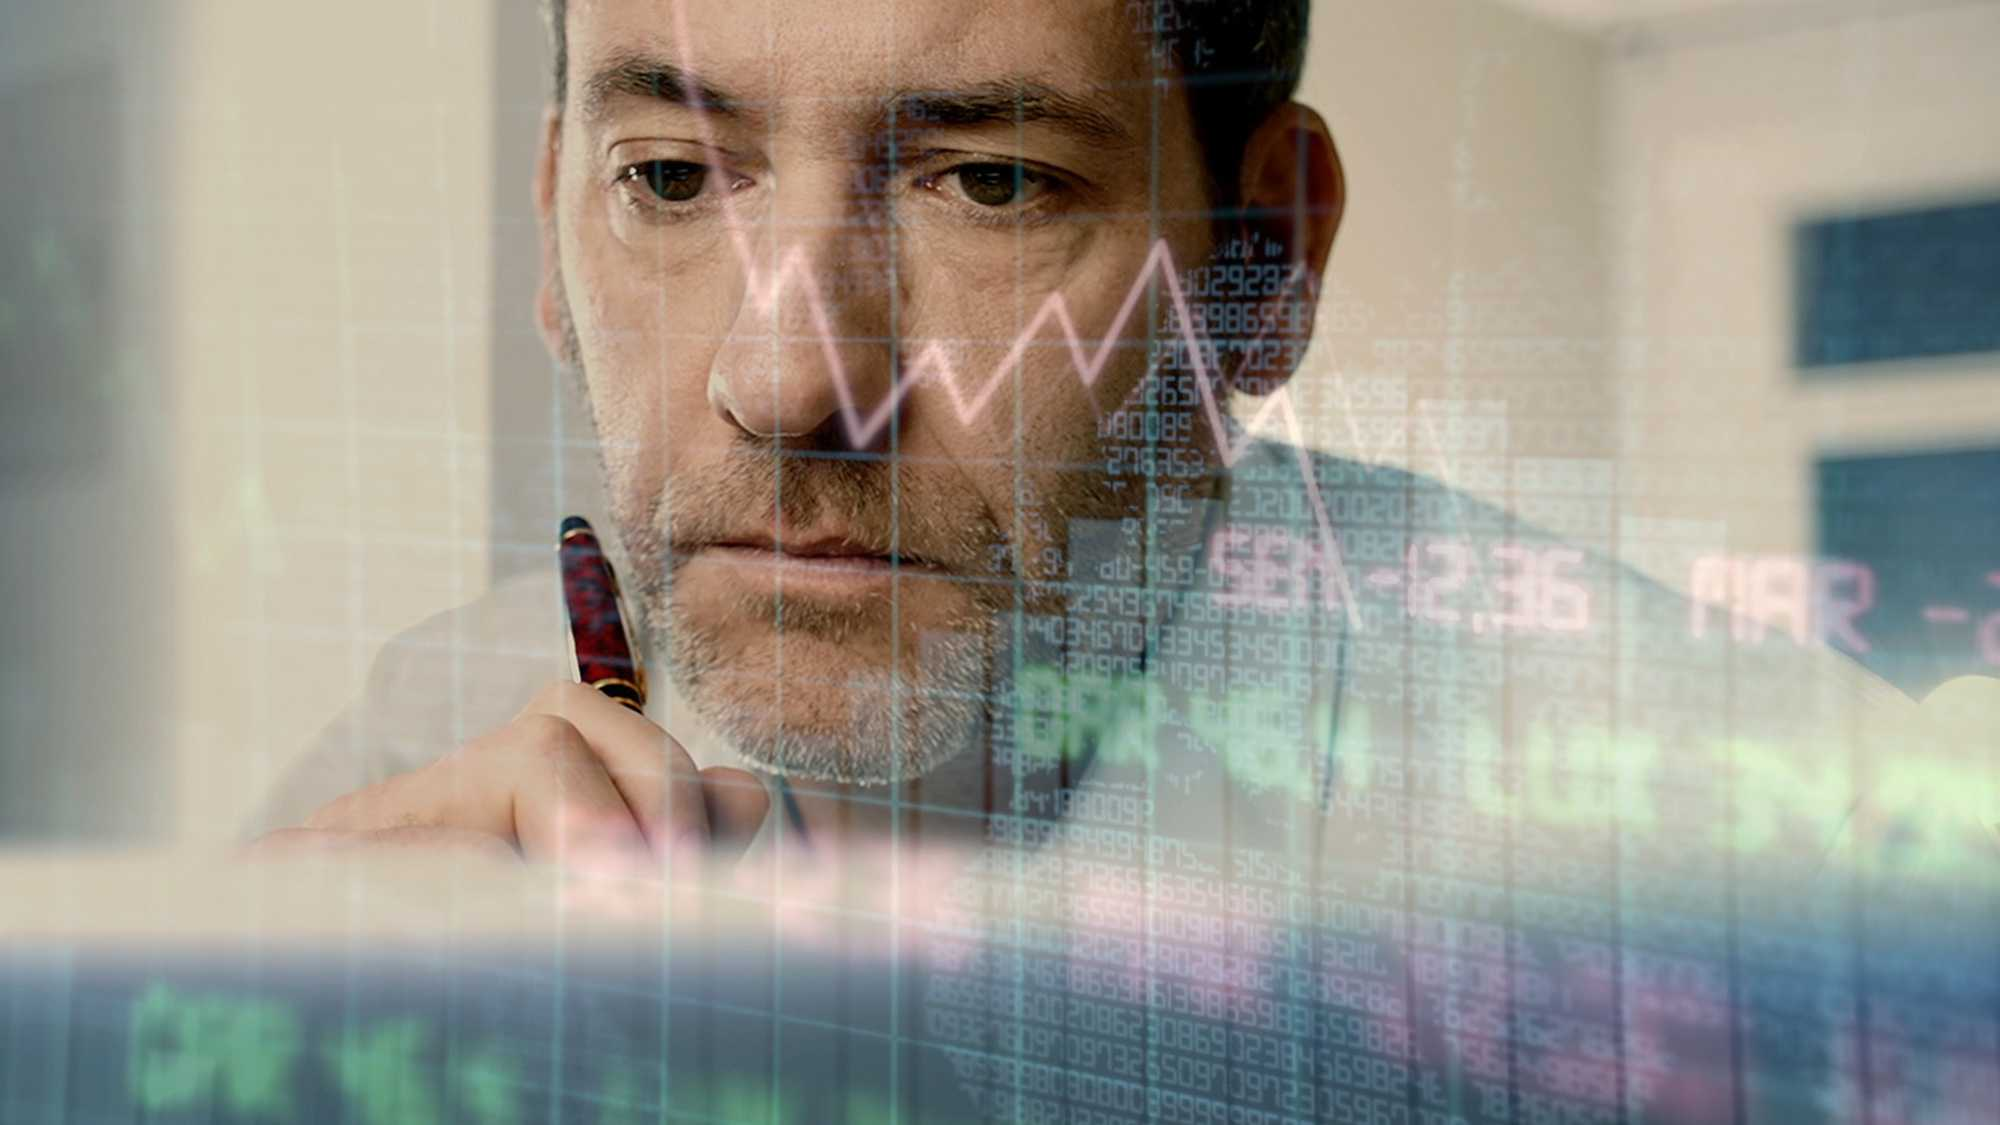 Das Bild zeigt die Sicht auf einen Mann aus einem Bildschirm heraus. Über ihm sieht man den Bildschirminhalt. Man sieht Börsenwerte. Er schaut in den Bildschirm und hält einen Stift in seiner Hand. Das Bild dient als Making Of Bild für den Portfolioeintrag H1 Fond von Panda Pictures.